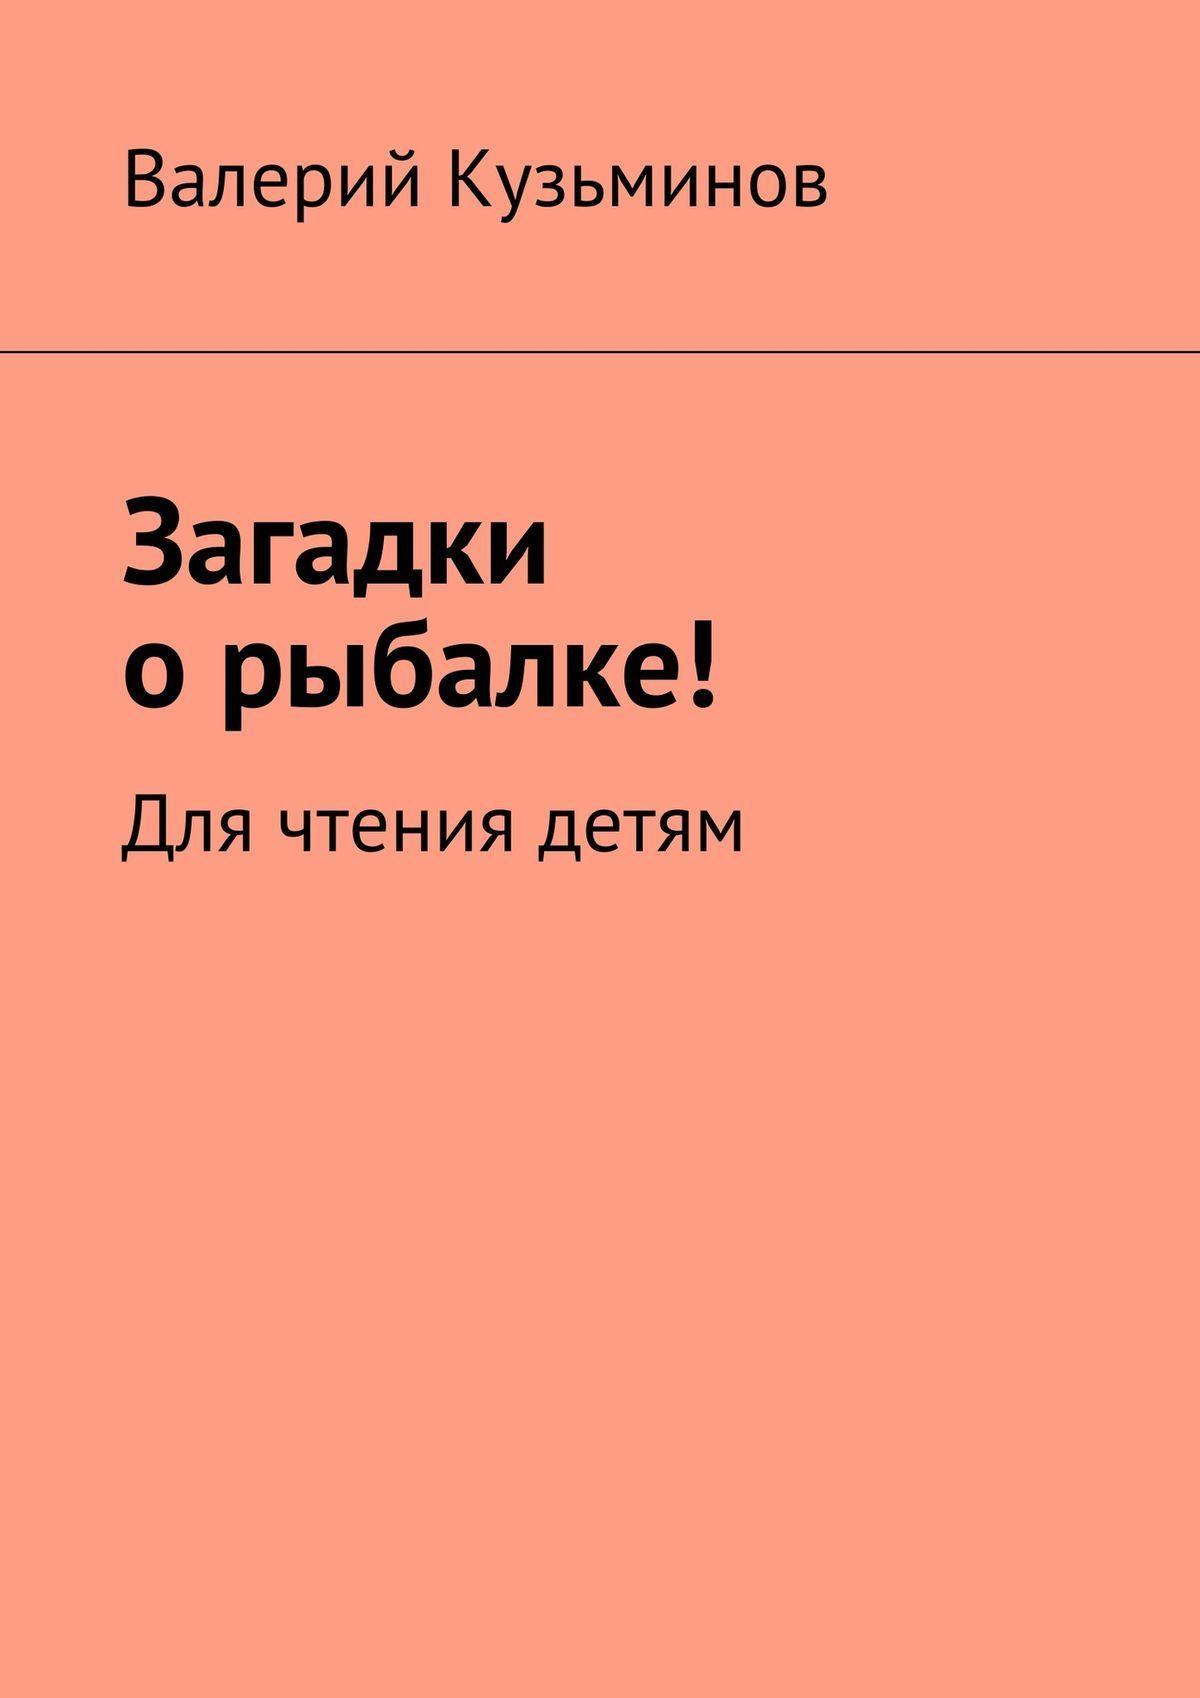 Валерий Кузьминов бесплатно